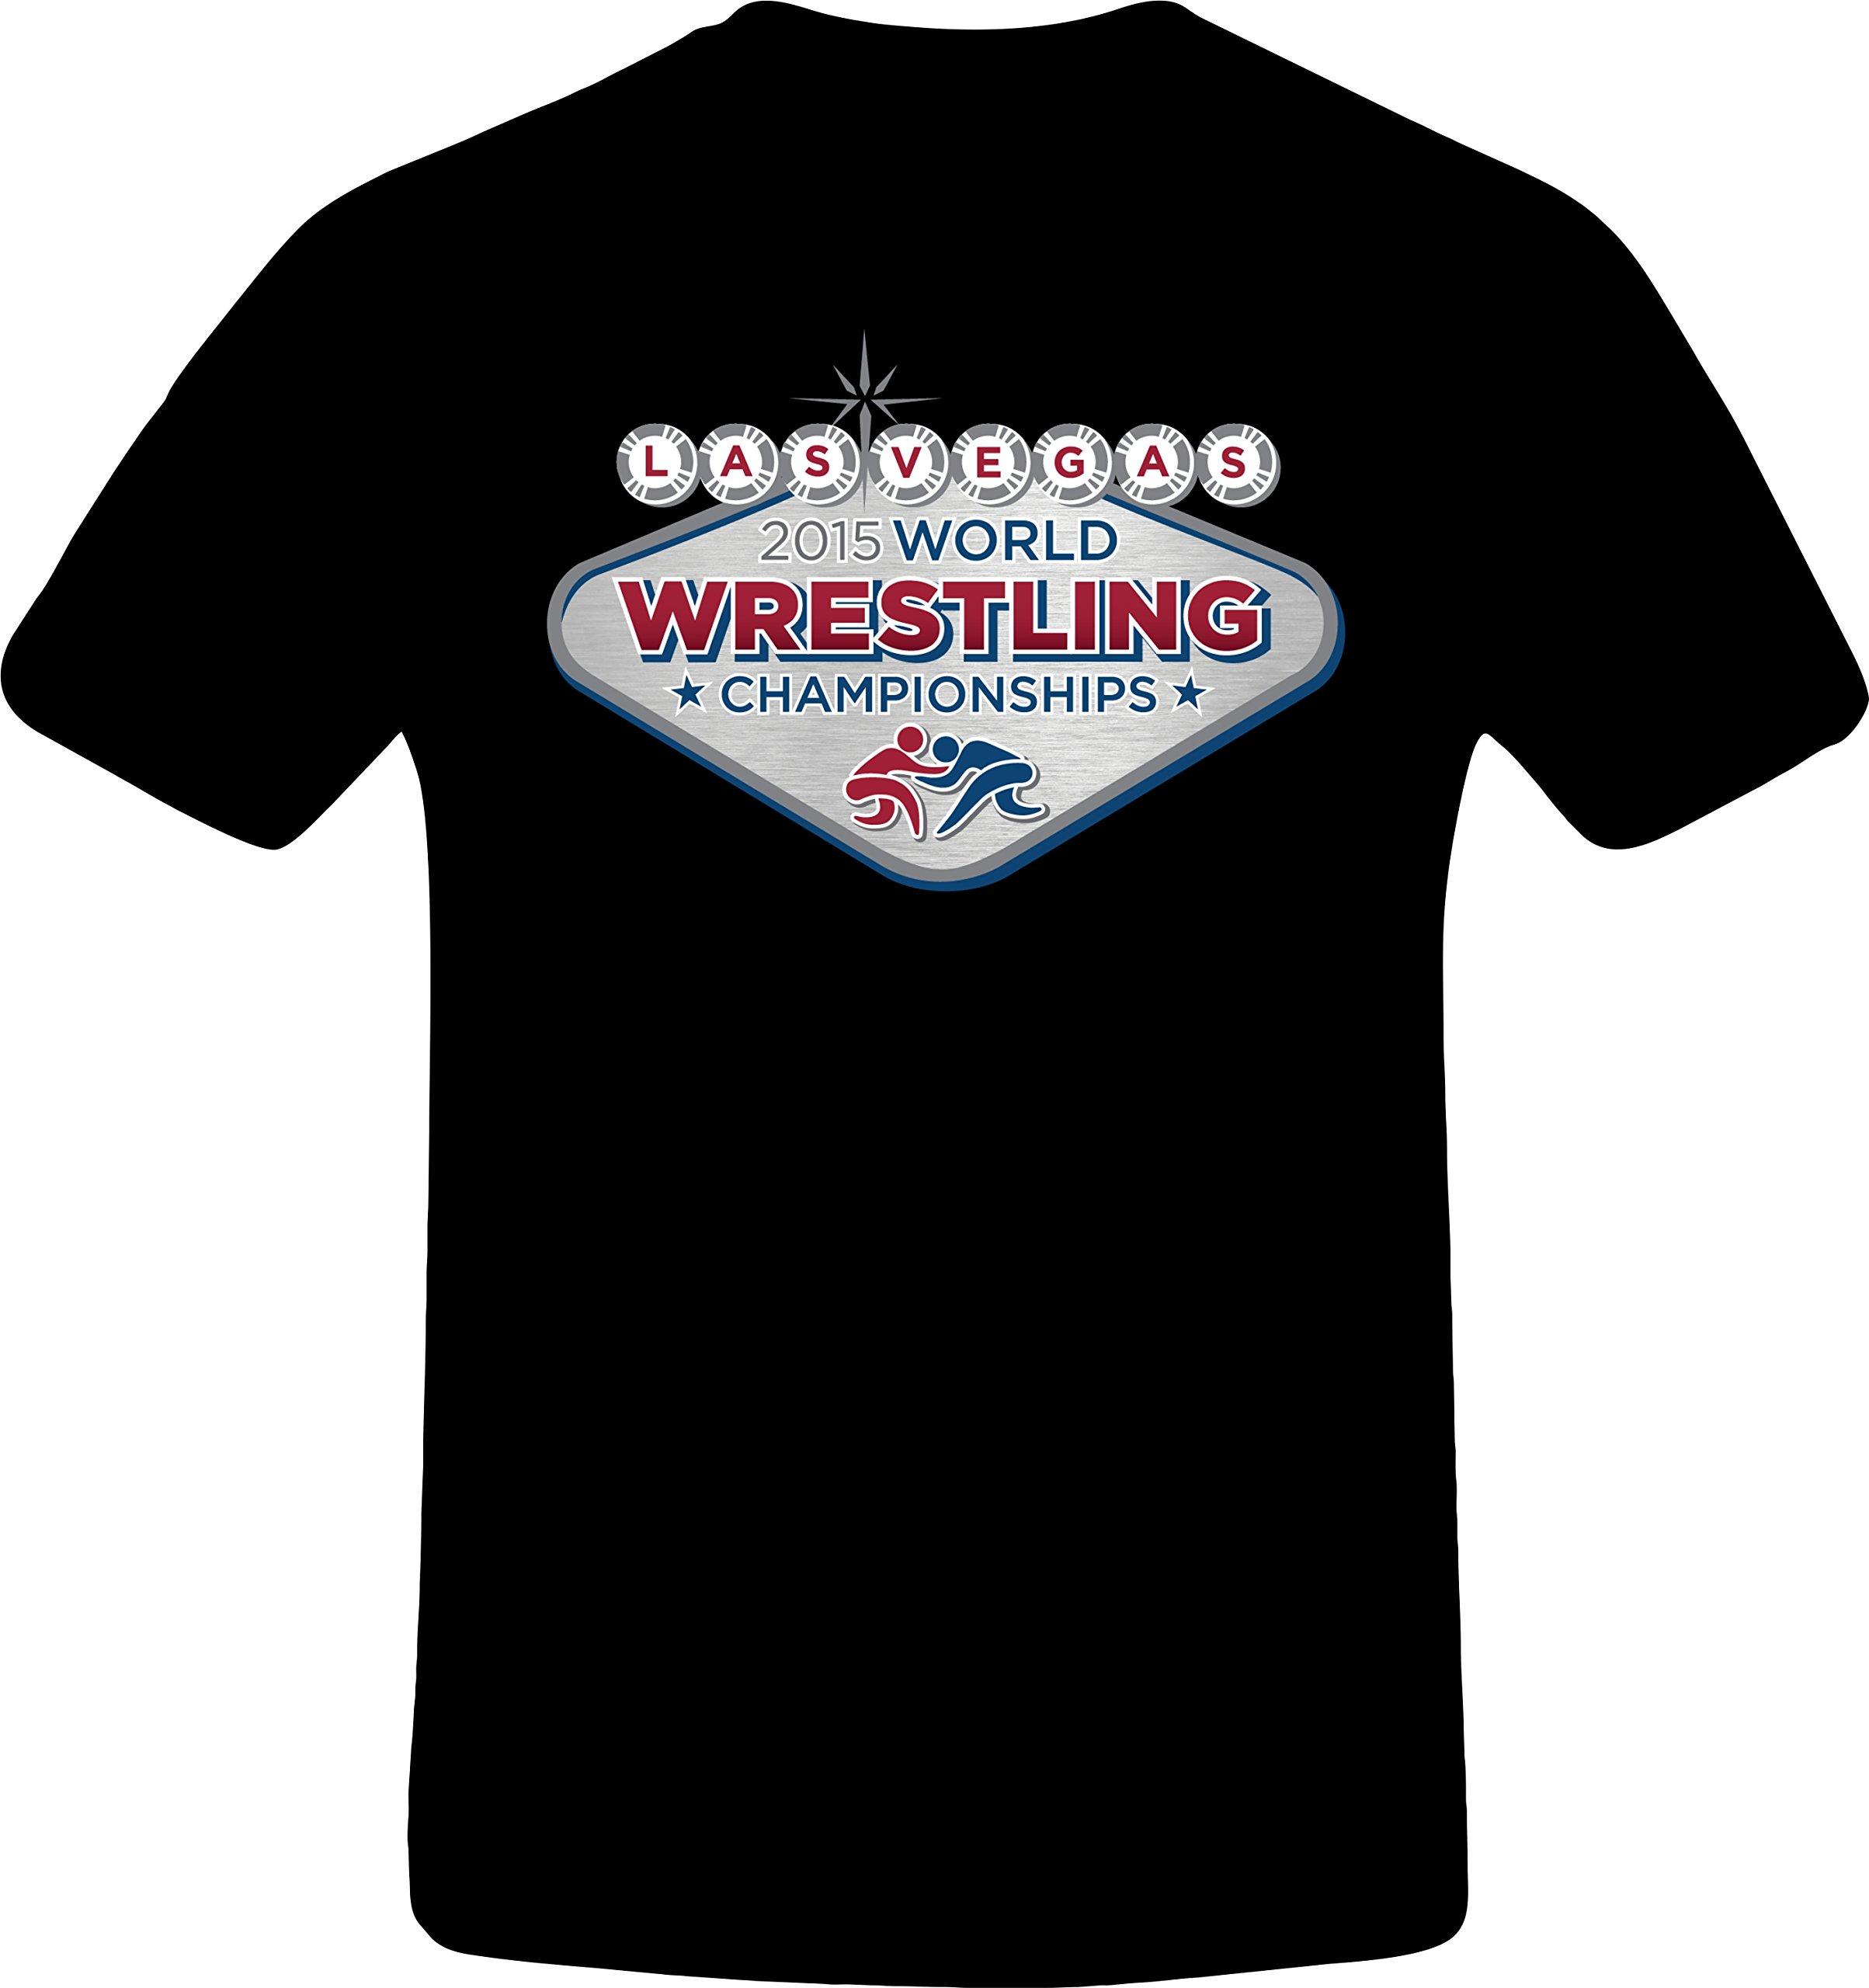 Las Vegas Wrestling, Best Quality Costum Tshirt (5XL, BLACK)